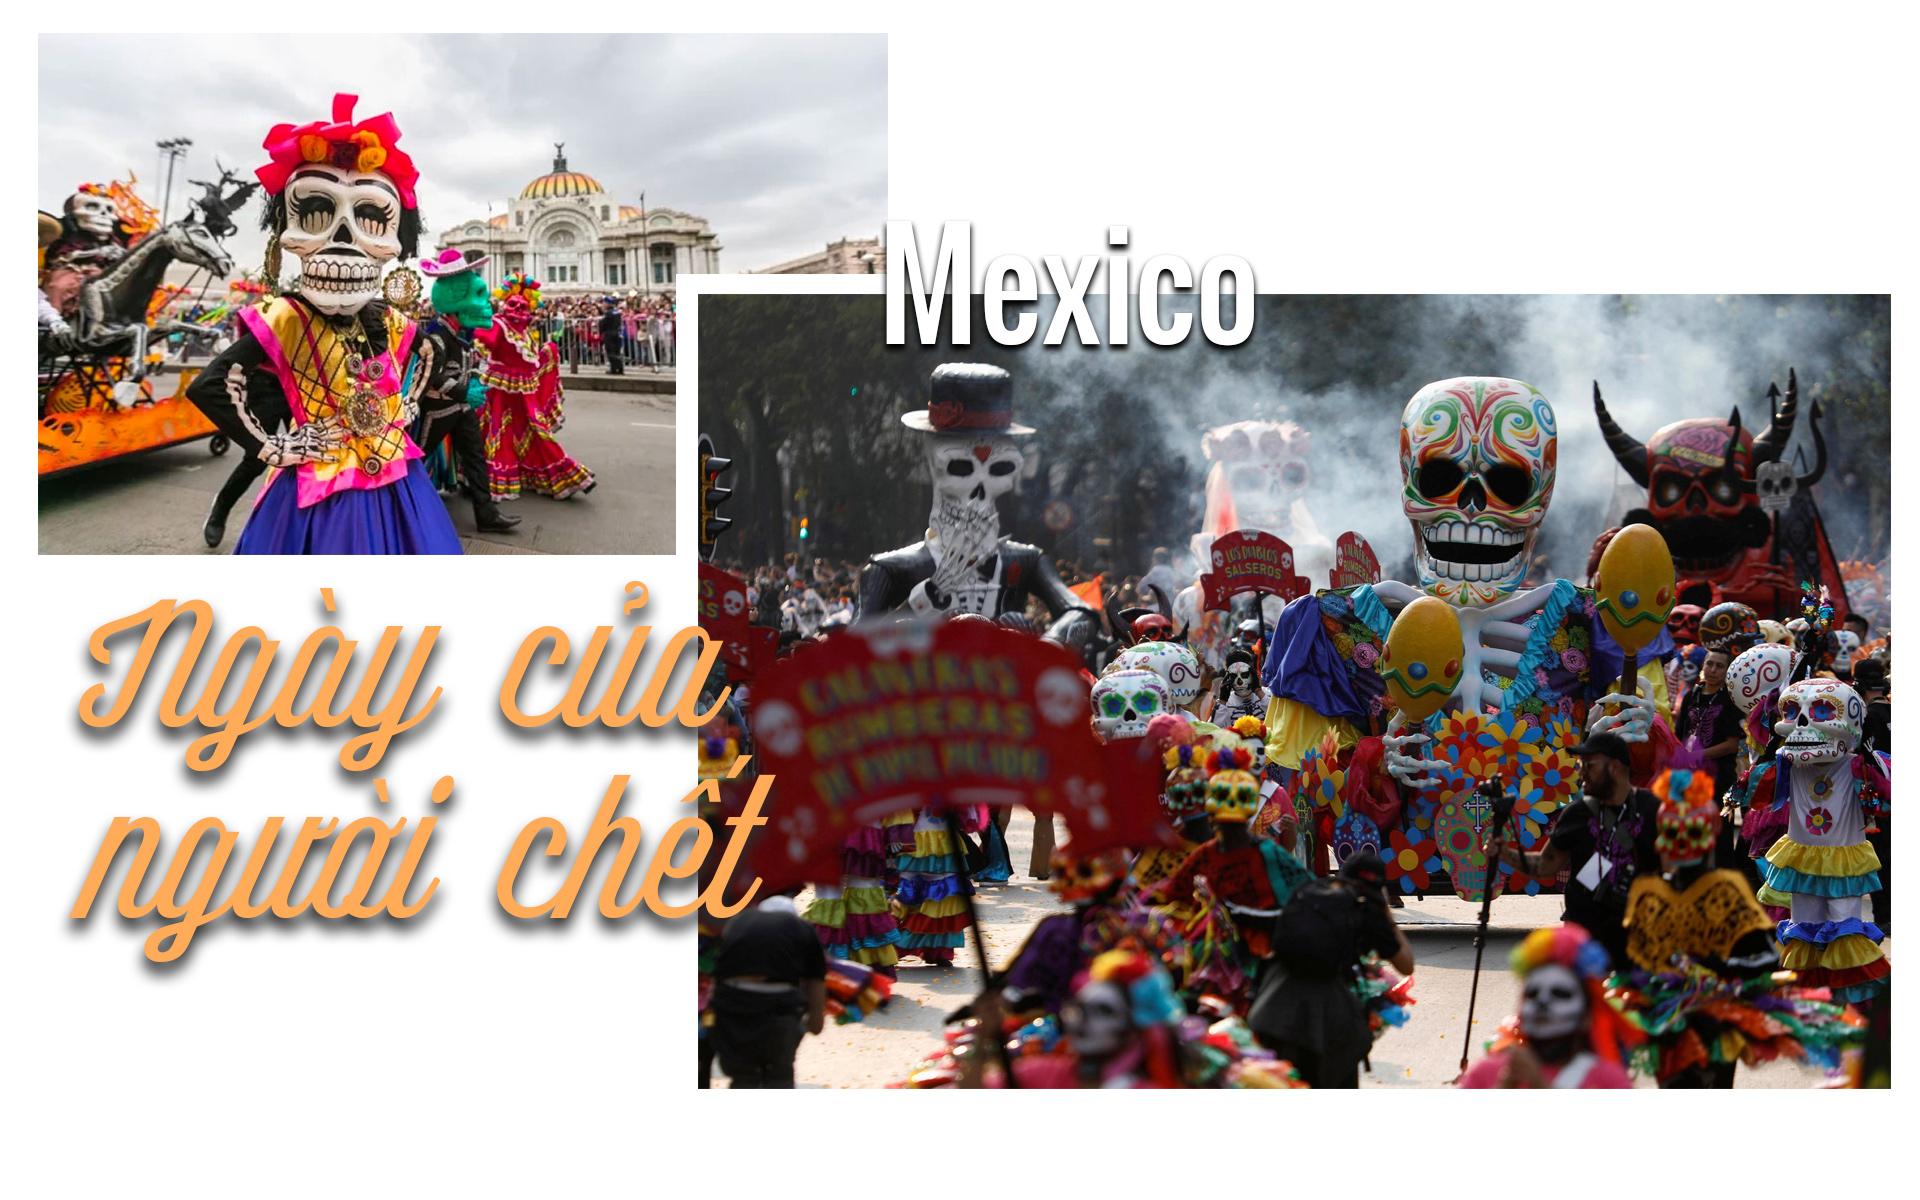 Những lễ hội sắc màu rực rỡ nhất hành tinh - 2